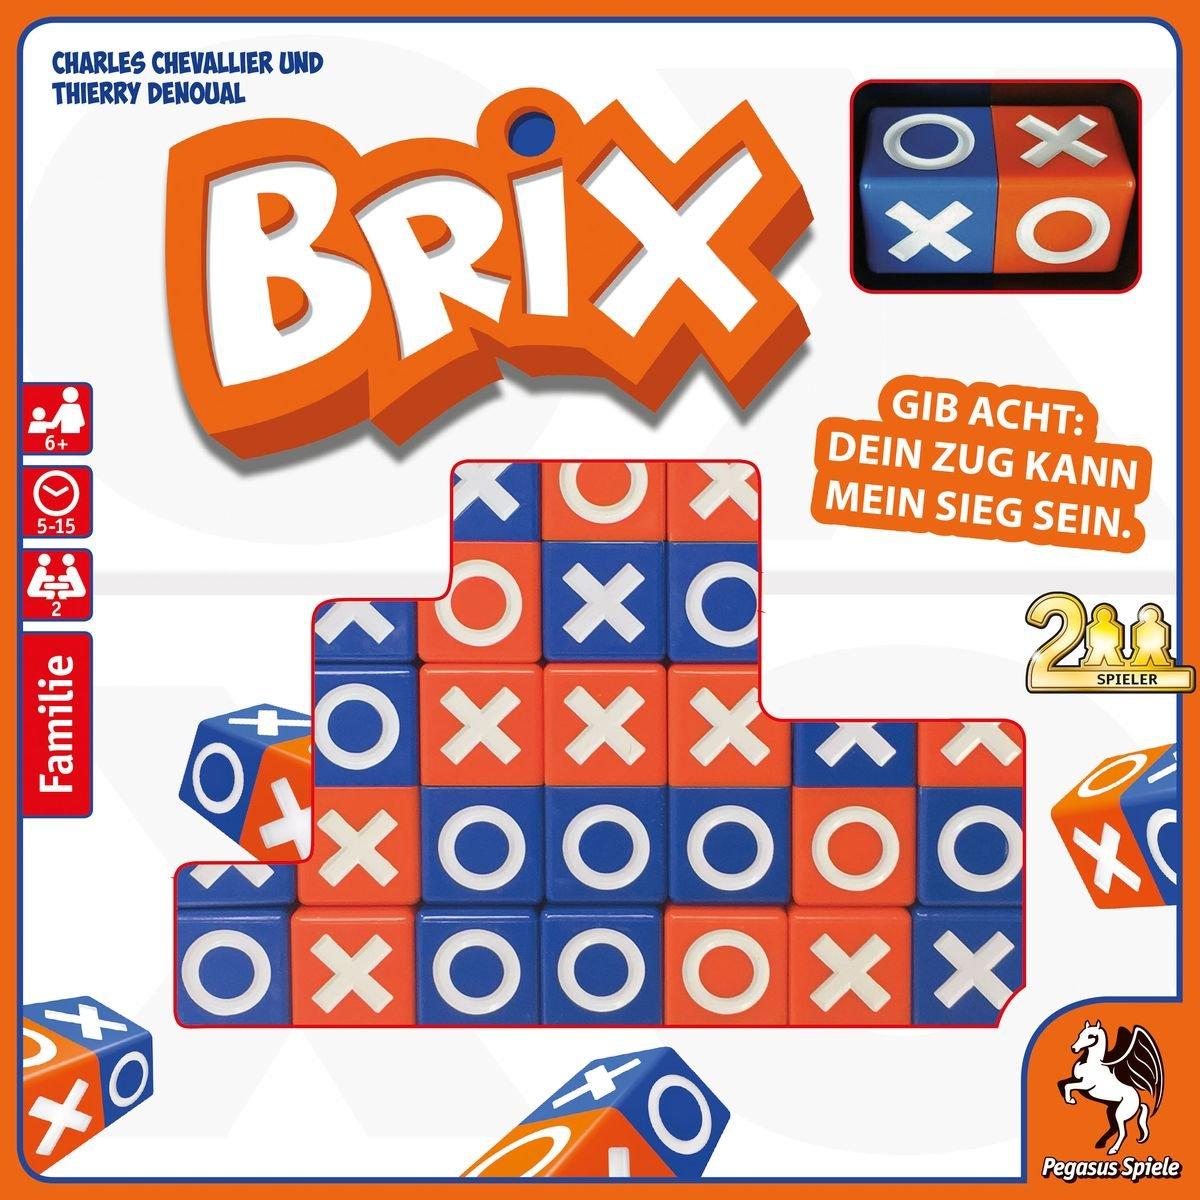 #Juegodemesa Brix por 18,28€ ¡¡12% de descuento!!